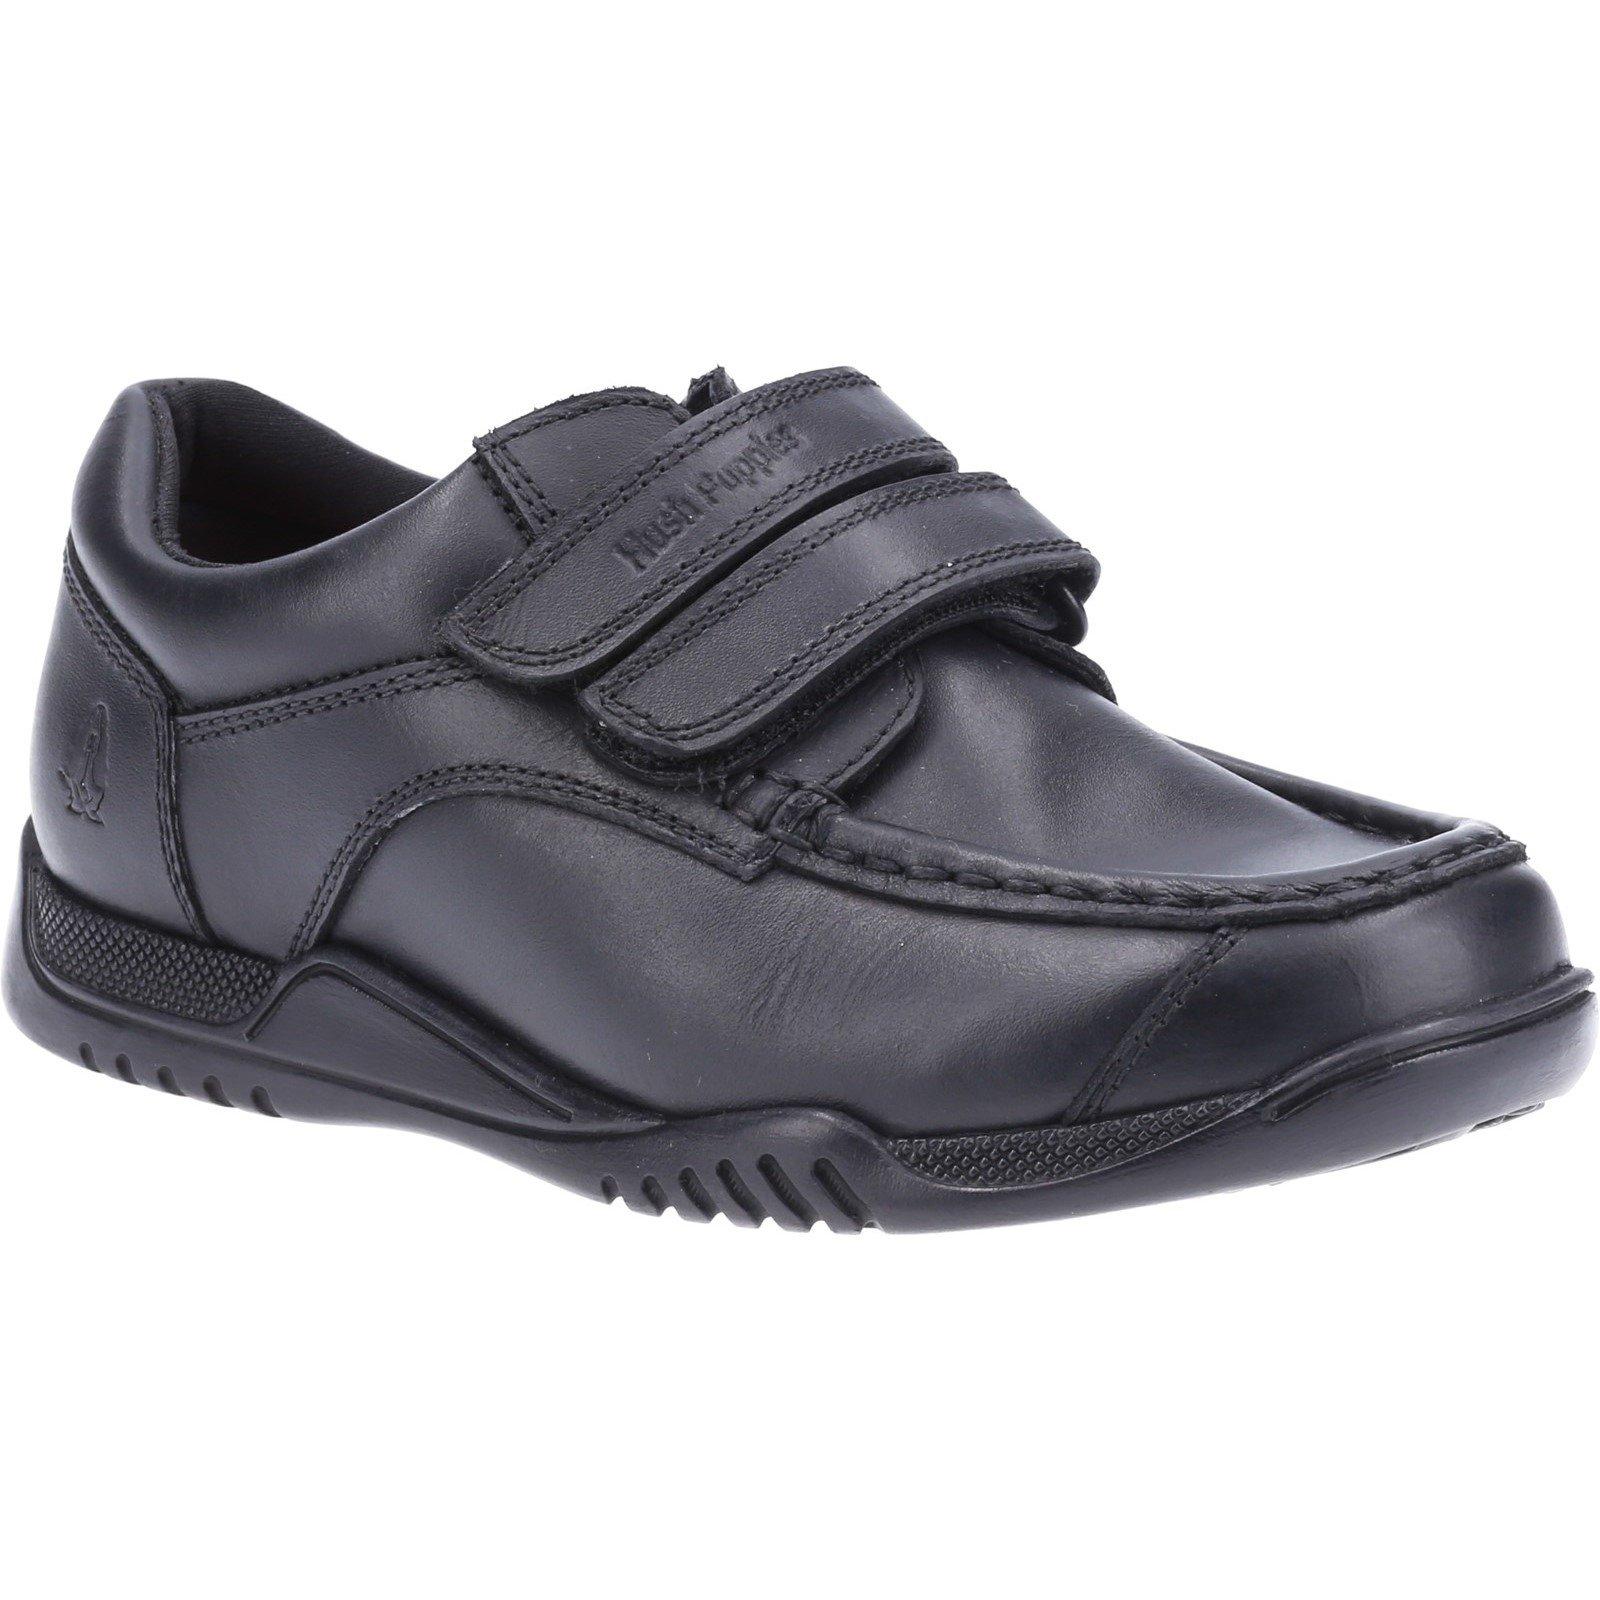 Hush Puppies Kid's Hayden Senior School Shoe Black 32733 - Black 5